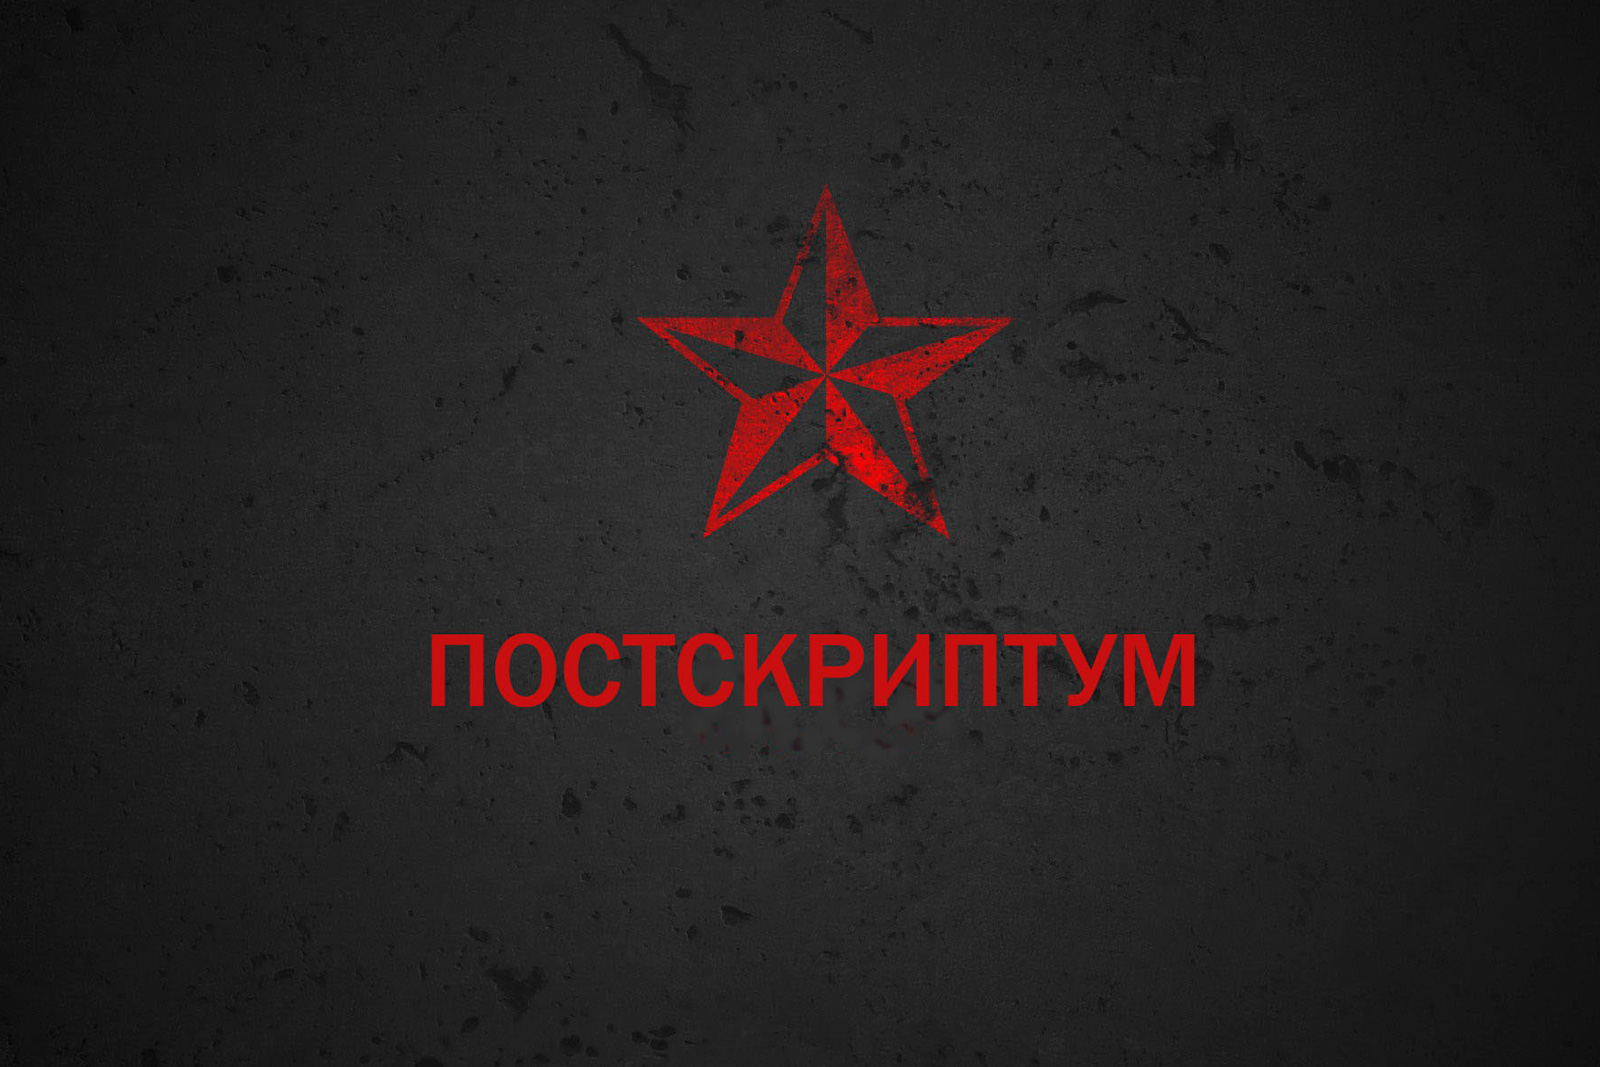 Продвижение сайта в ТОП - PS (Постскриптум)